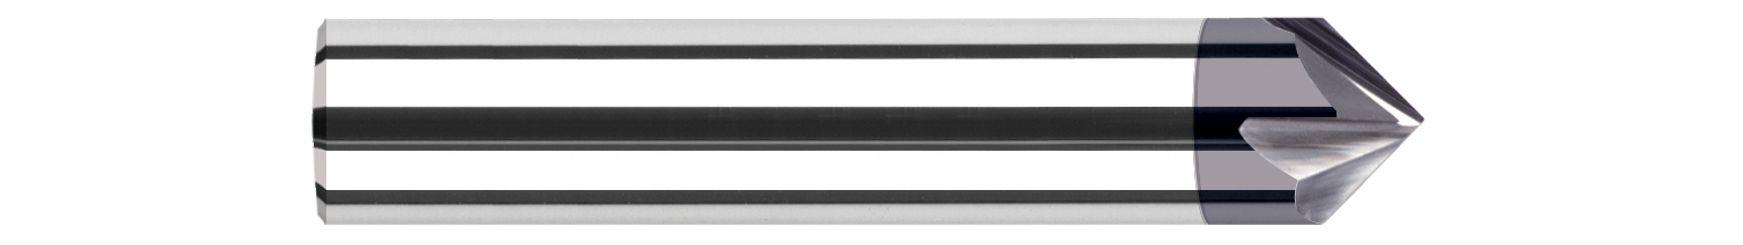 tool-details-880345-C3